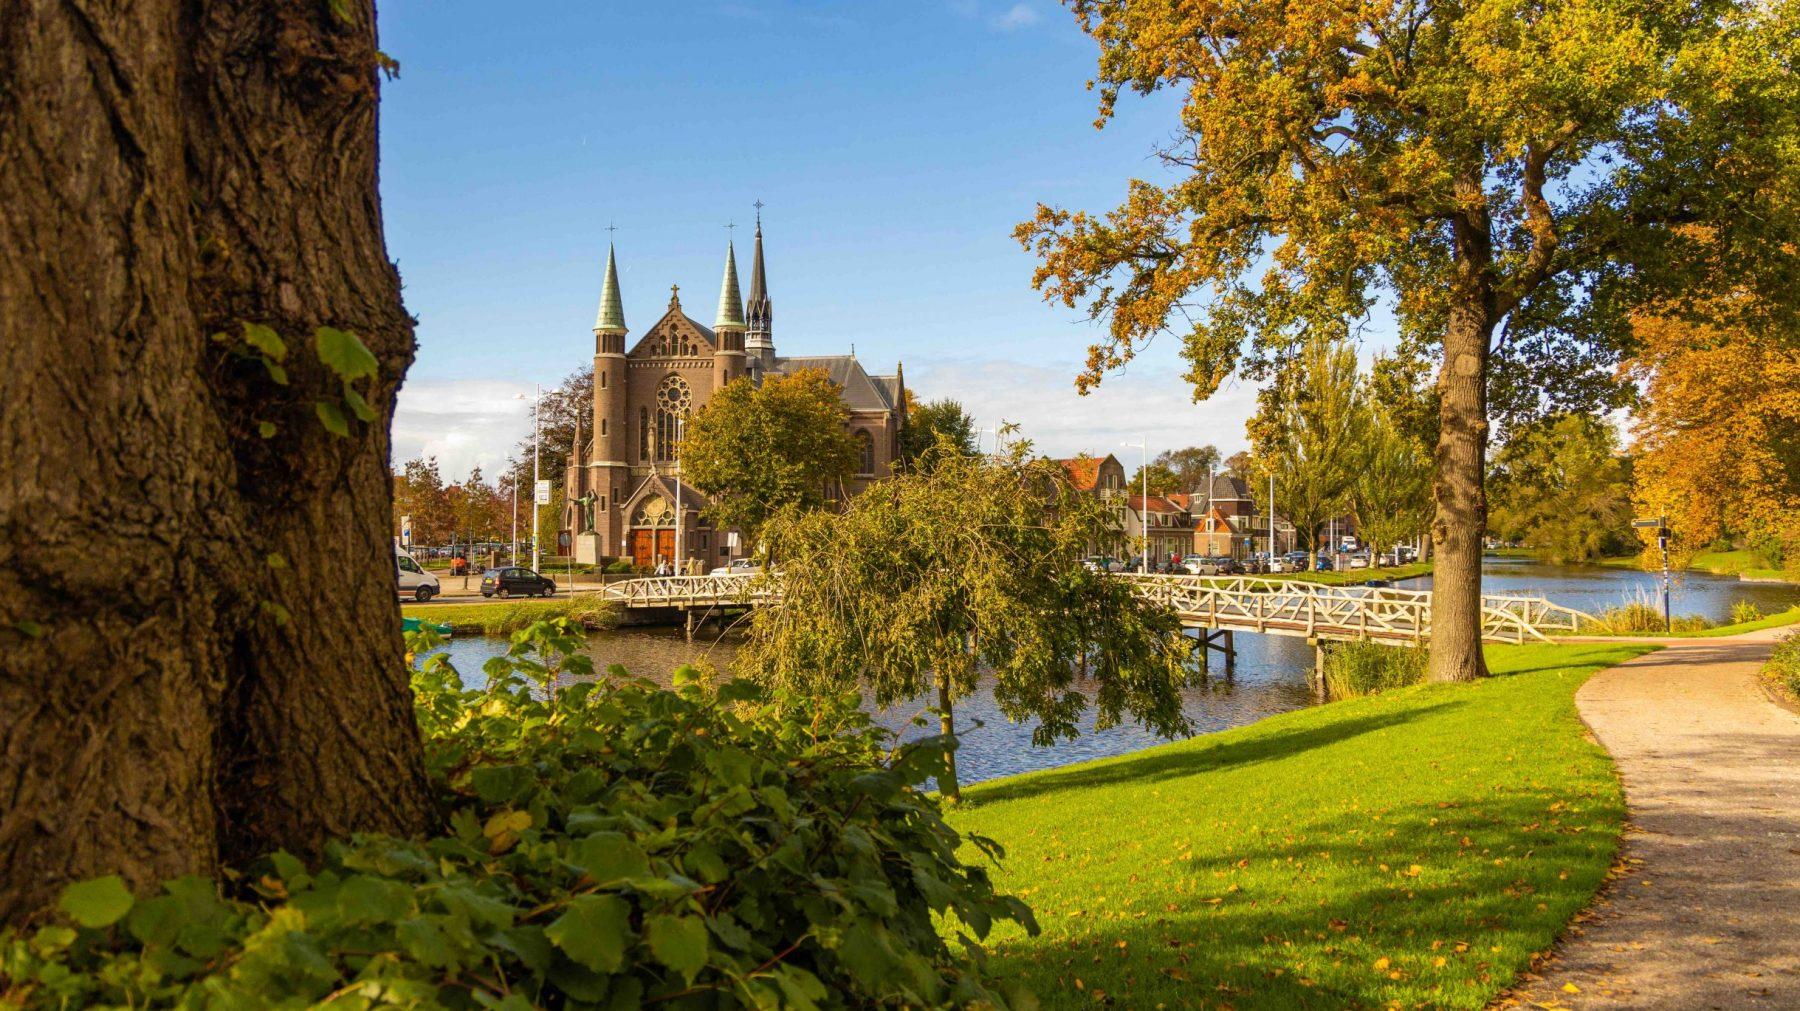 Halleluja wat prachtig: in Alkmaar kun je in de Sint Josephkerk wonen